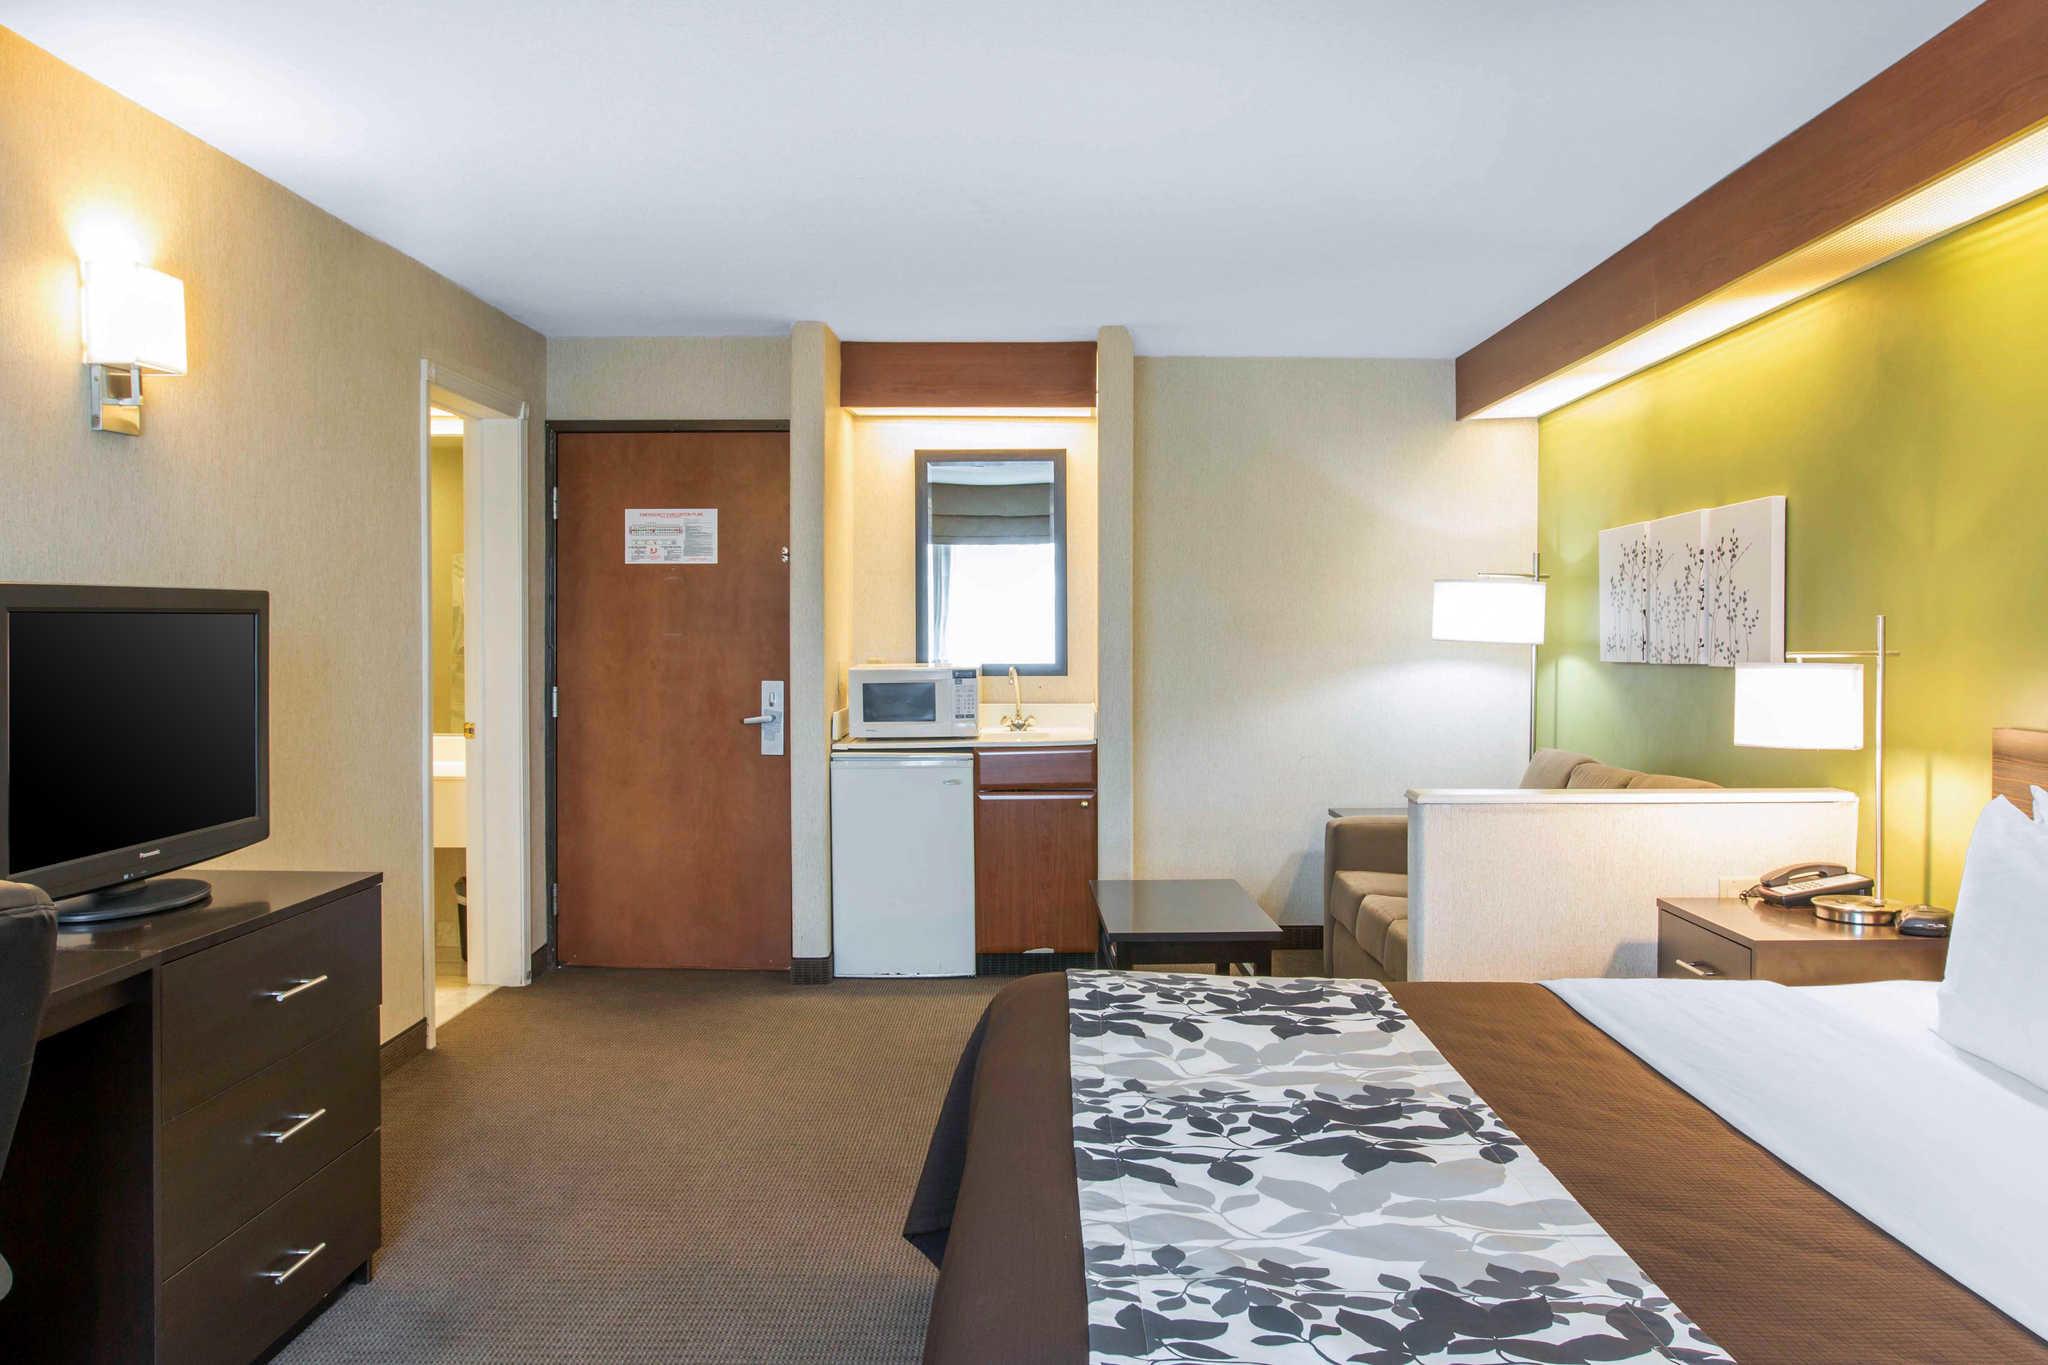 Sleep Inn & Suites image 31